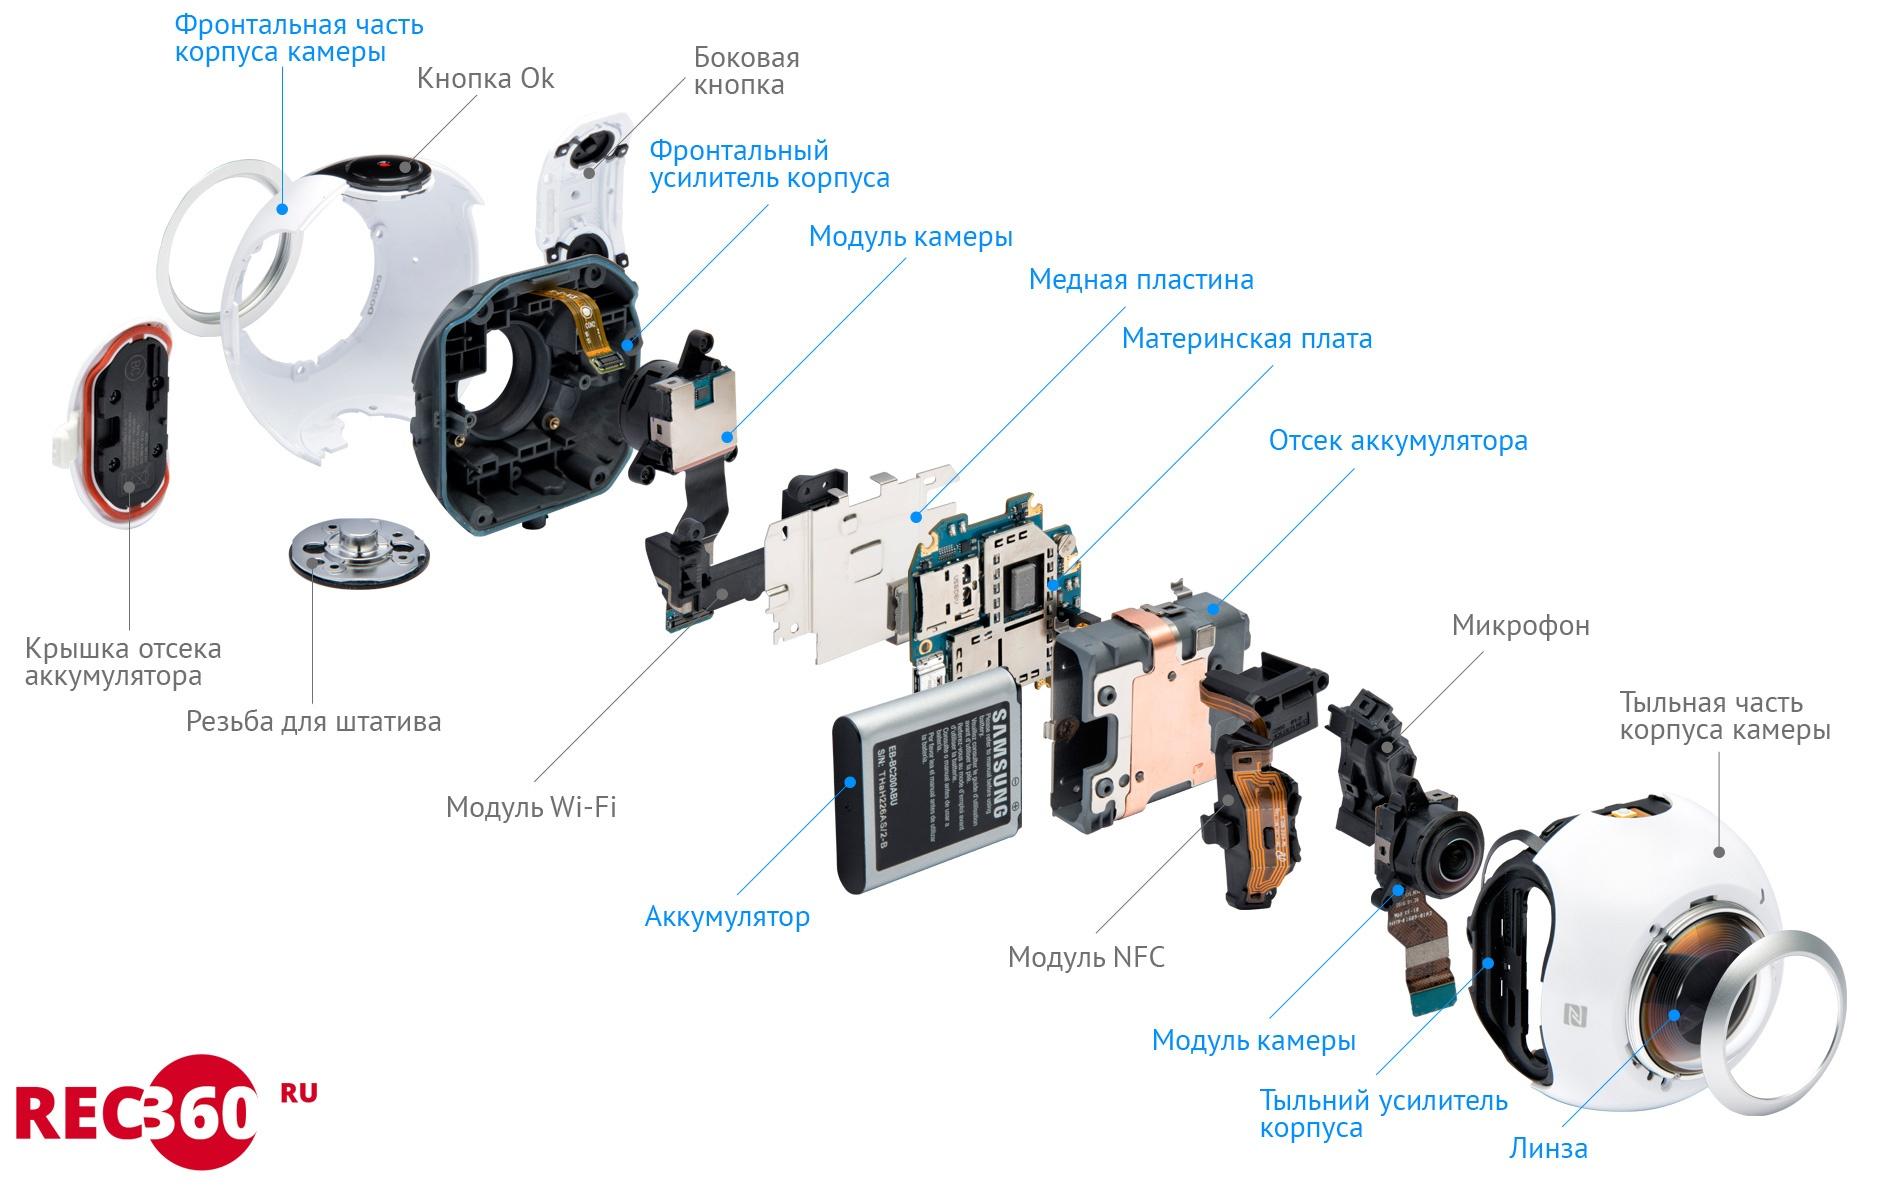 Разбор камеры Gear360 - что внутри?